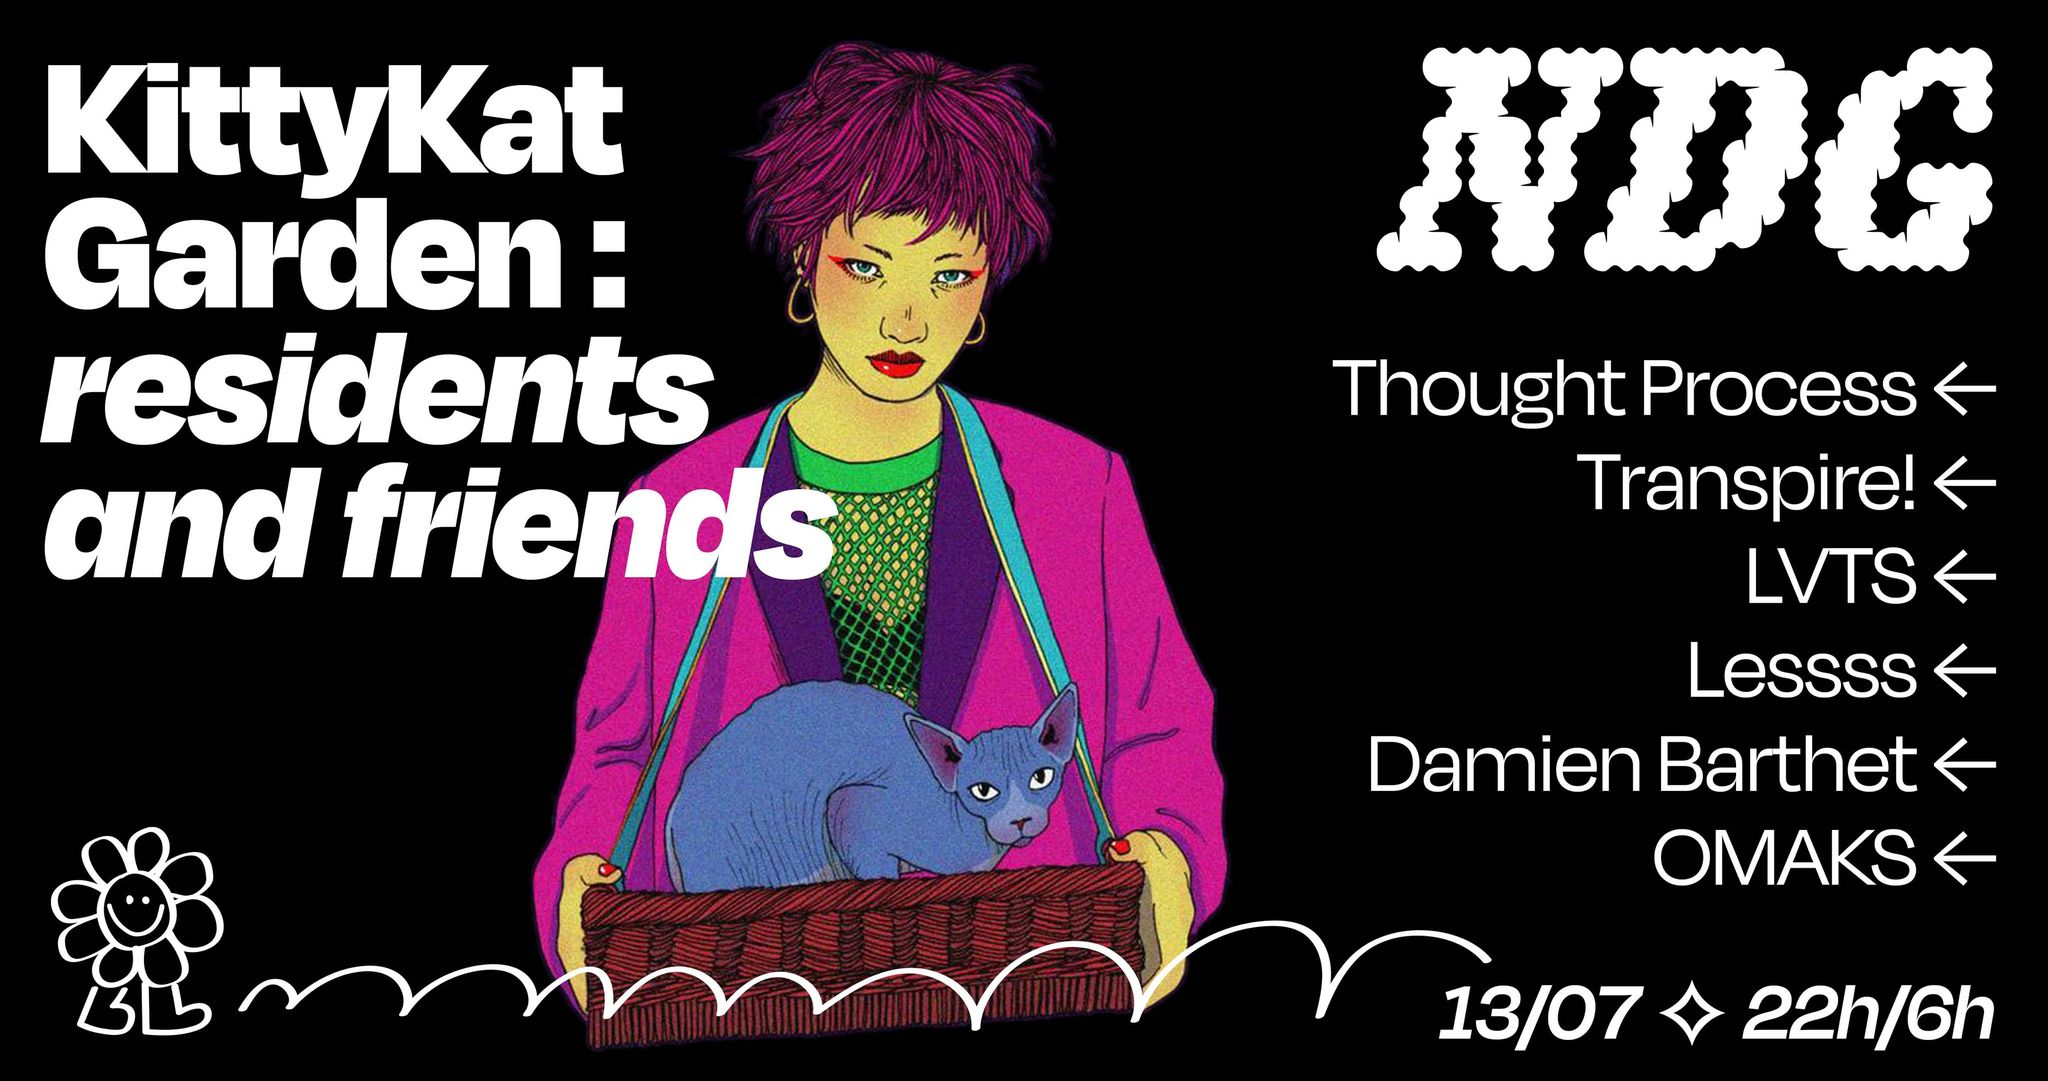 NDG Kittykat garden : Résidents and Friends